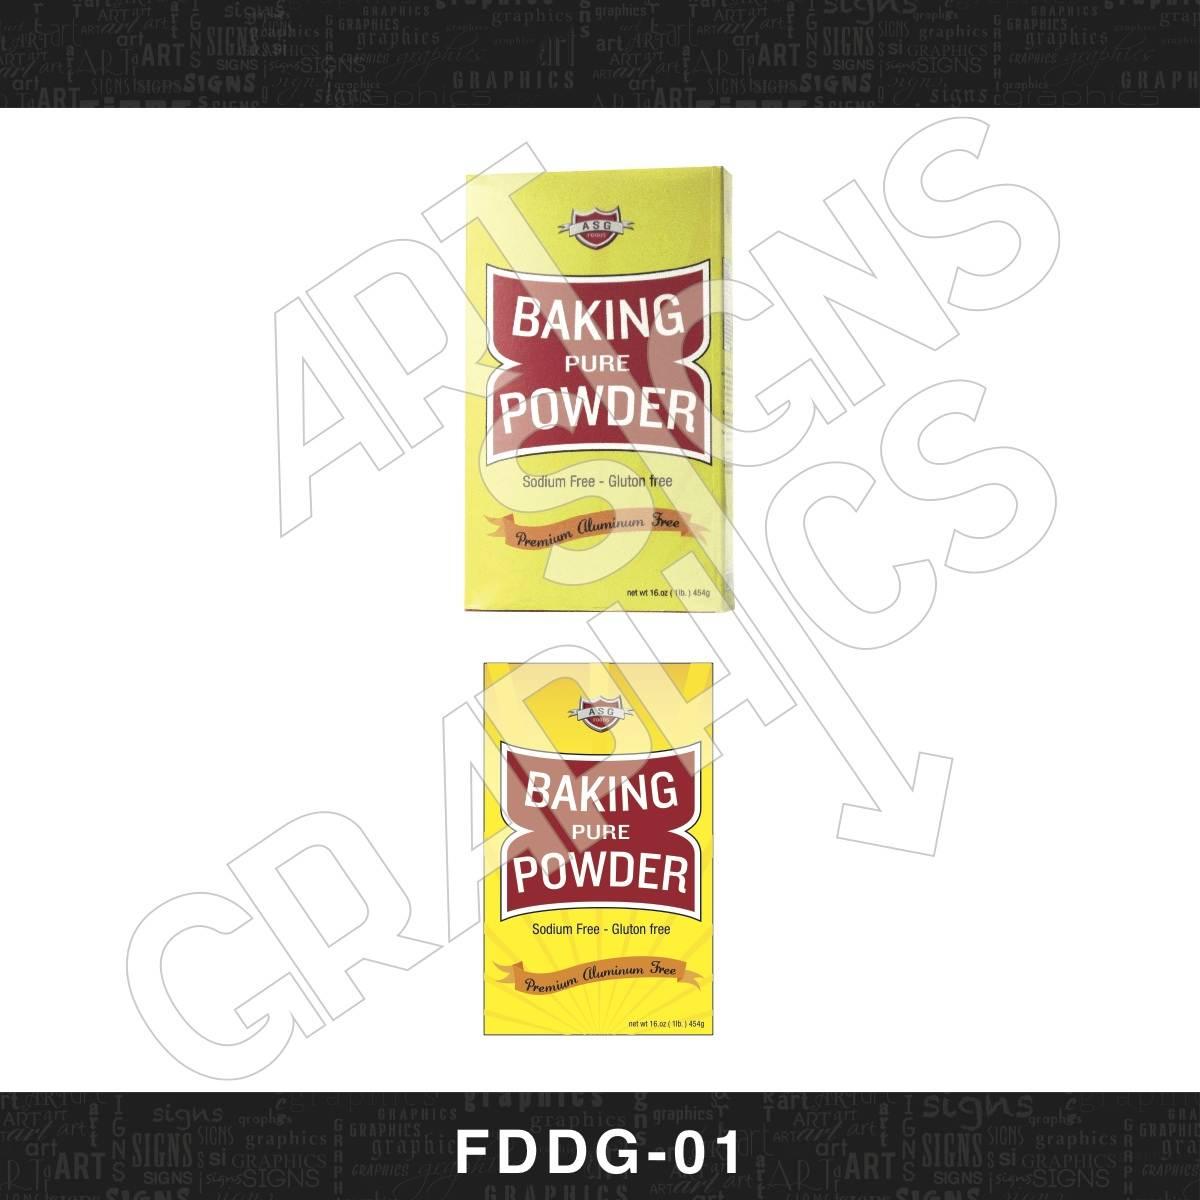 FDDG-01.jpg